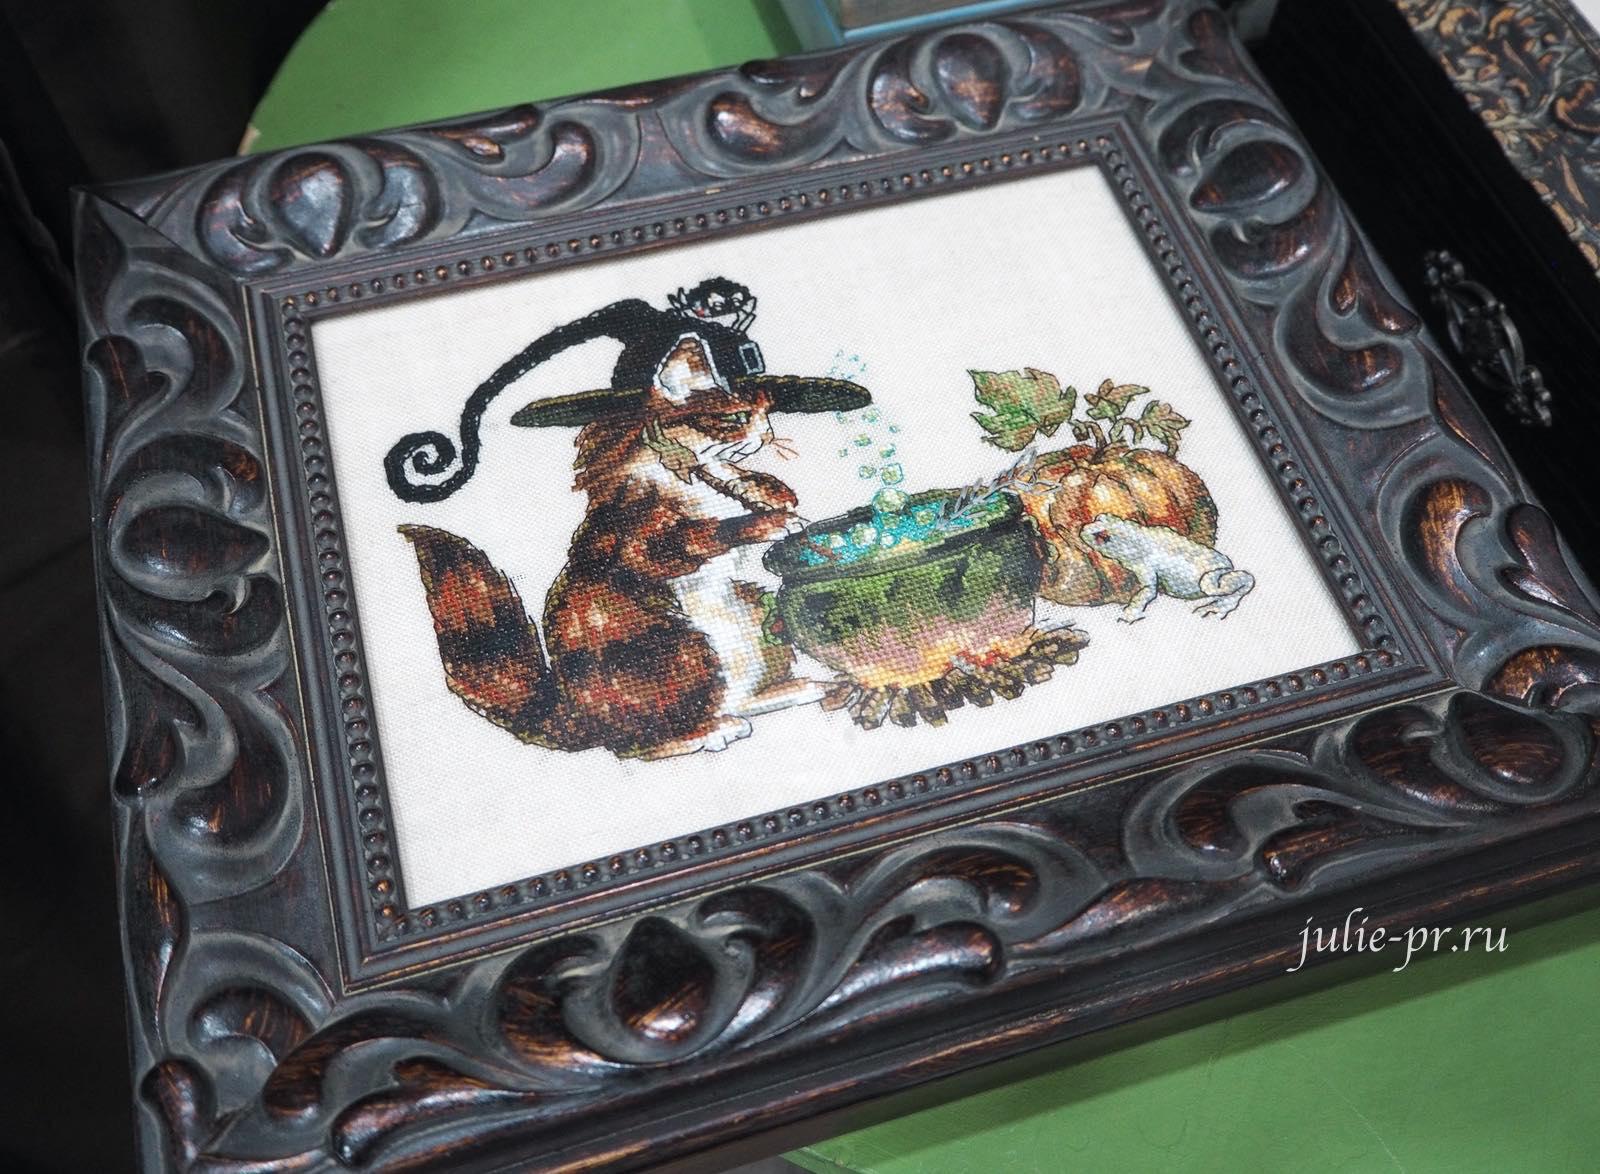 вышивка крестом, Nimue, Charabosse, кот ведьма, шкатулка с вышивкой